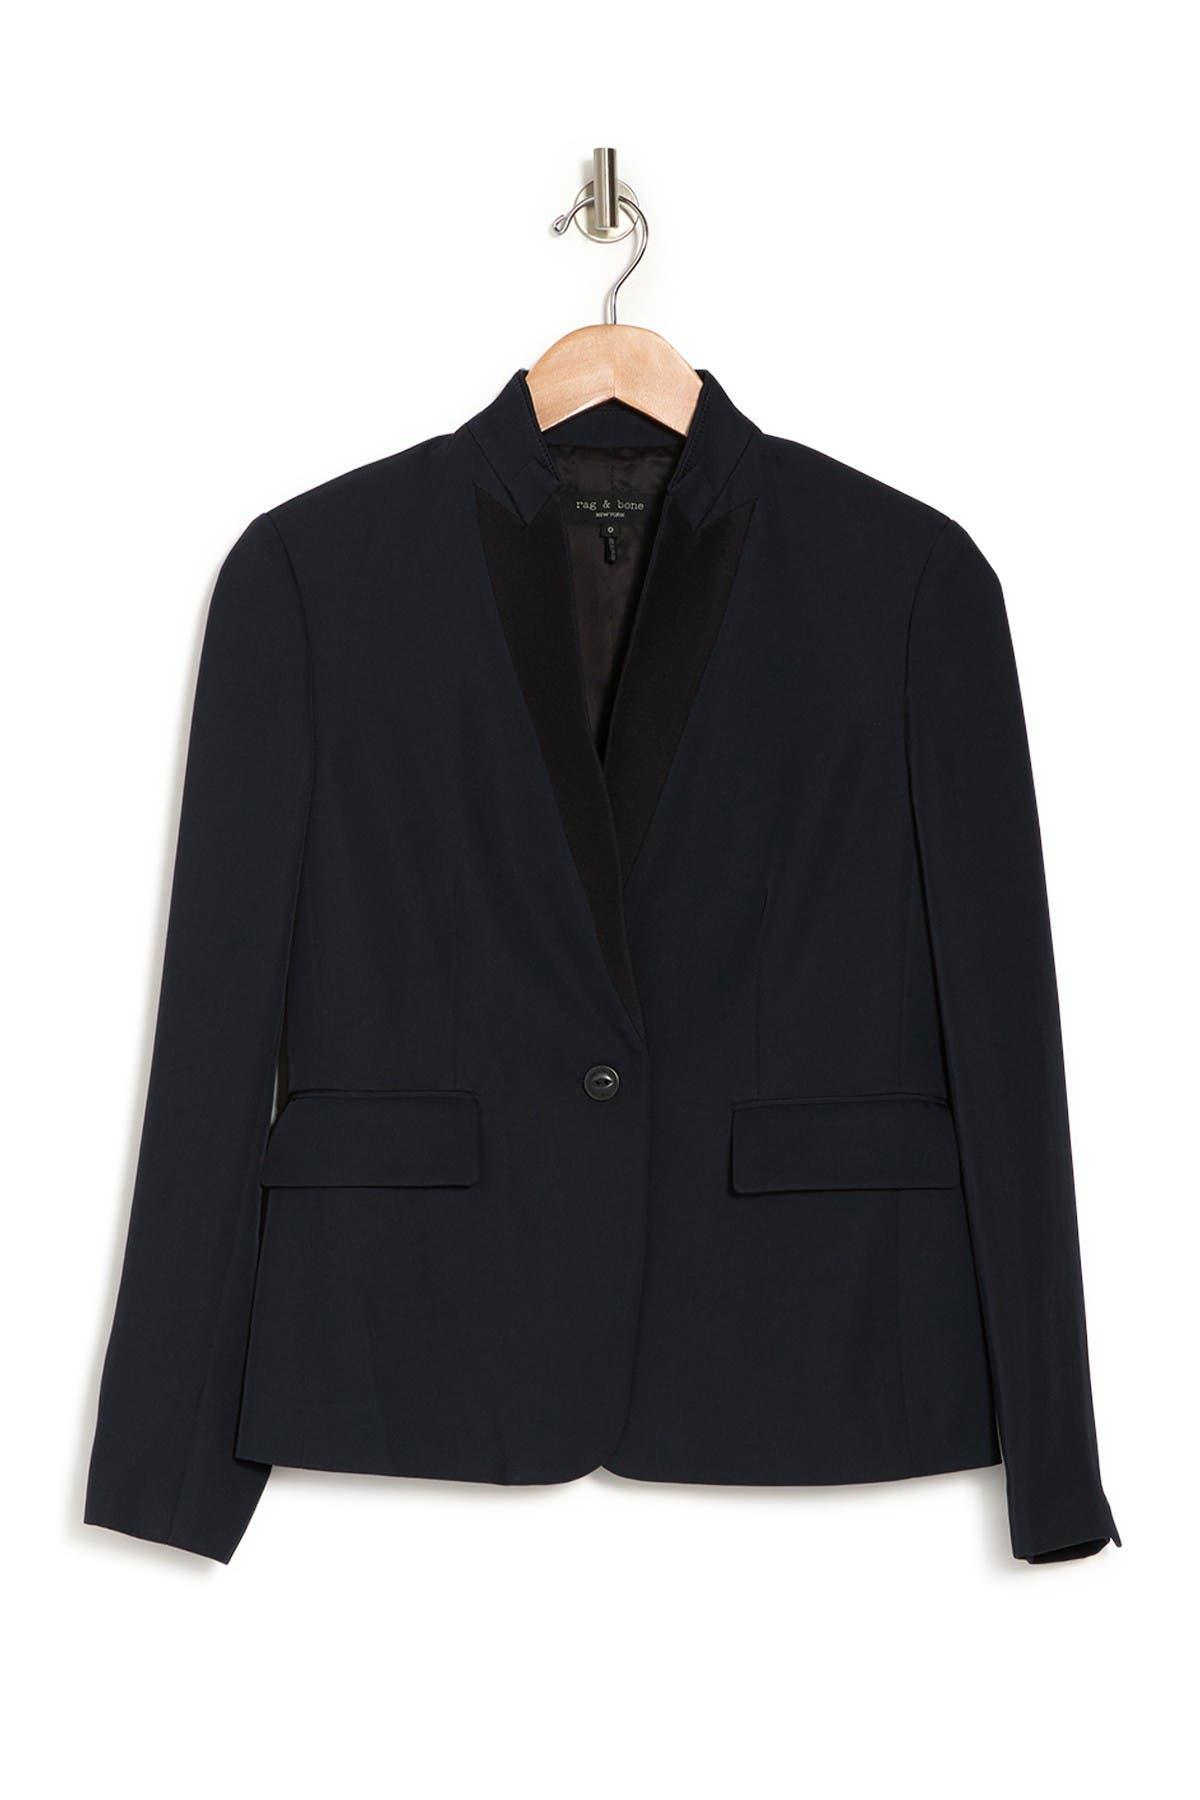 Image of Rag & Bone Archer One Button Wool Blend Blazer